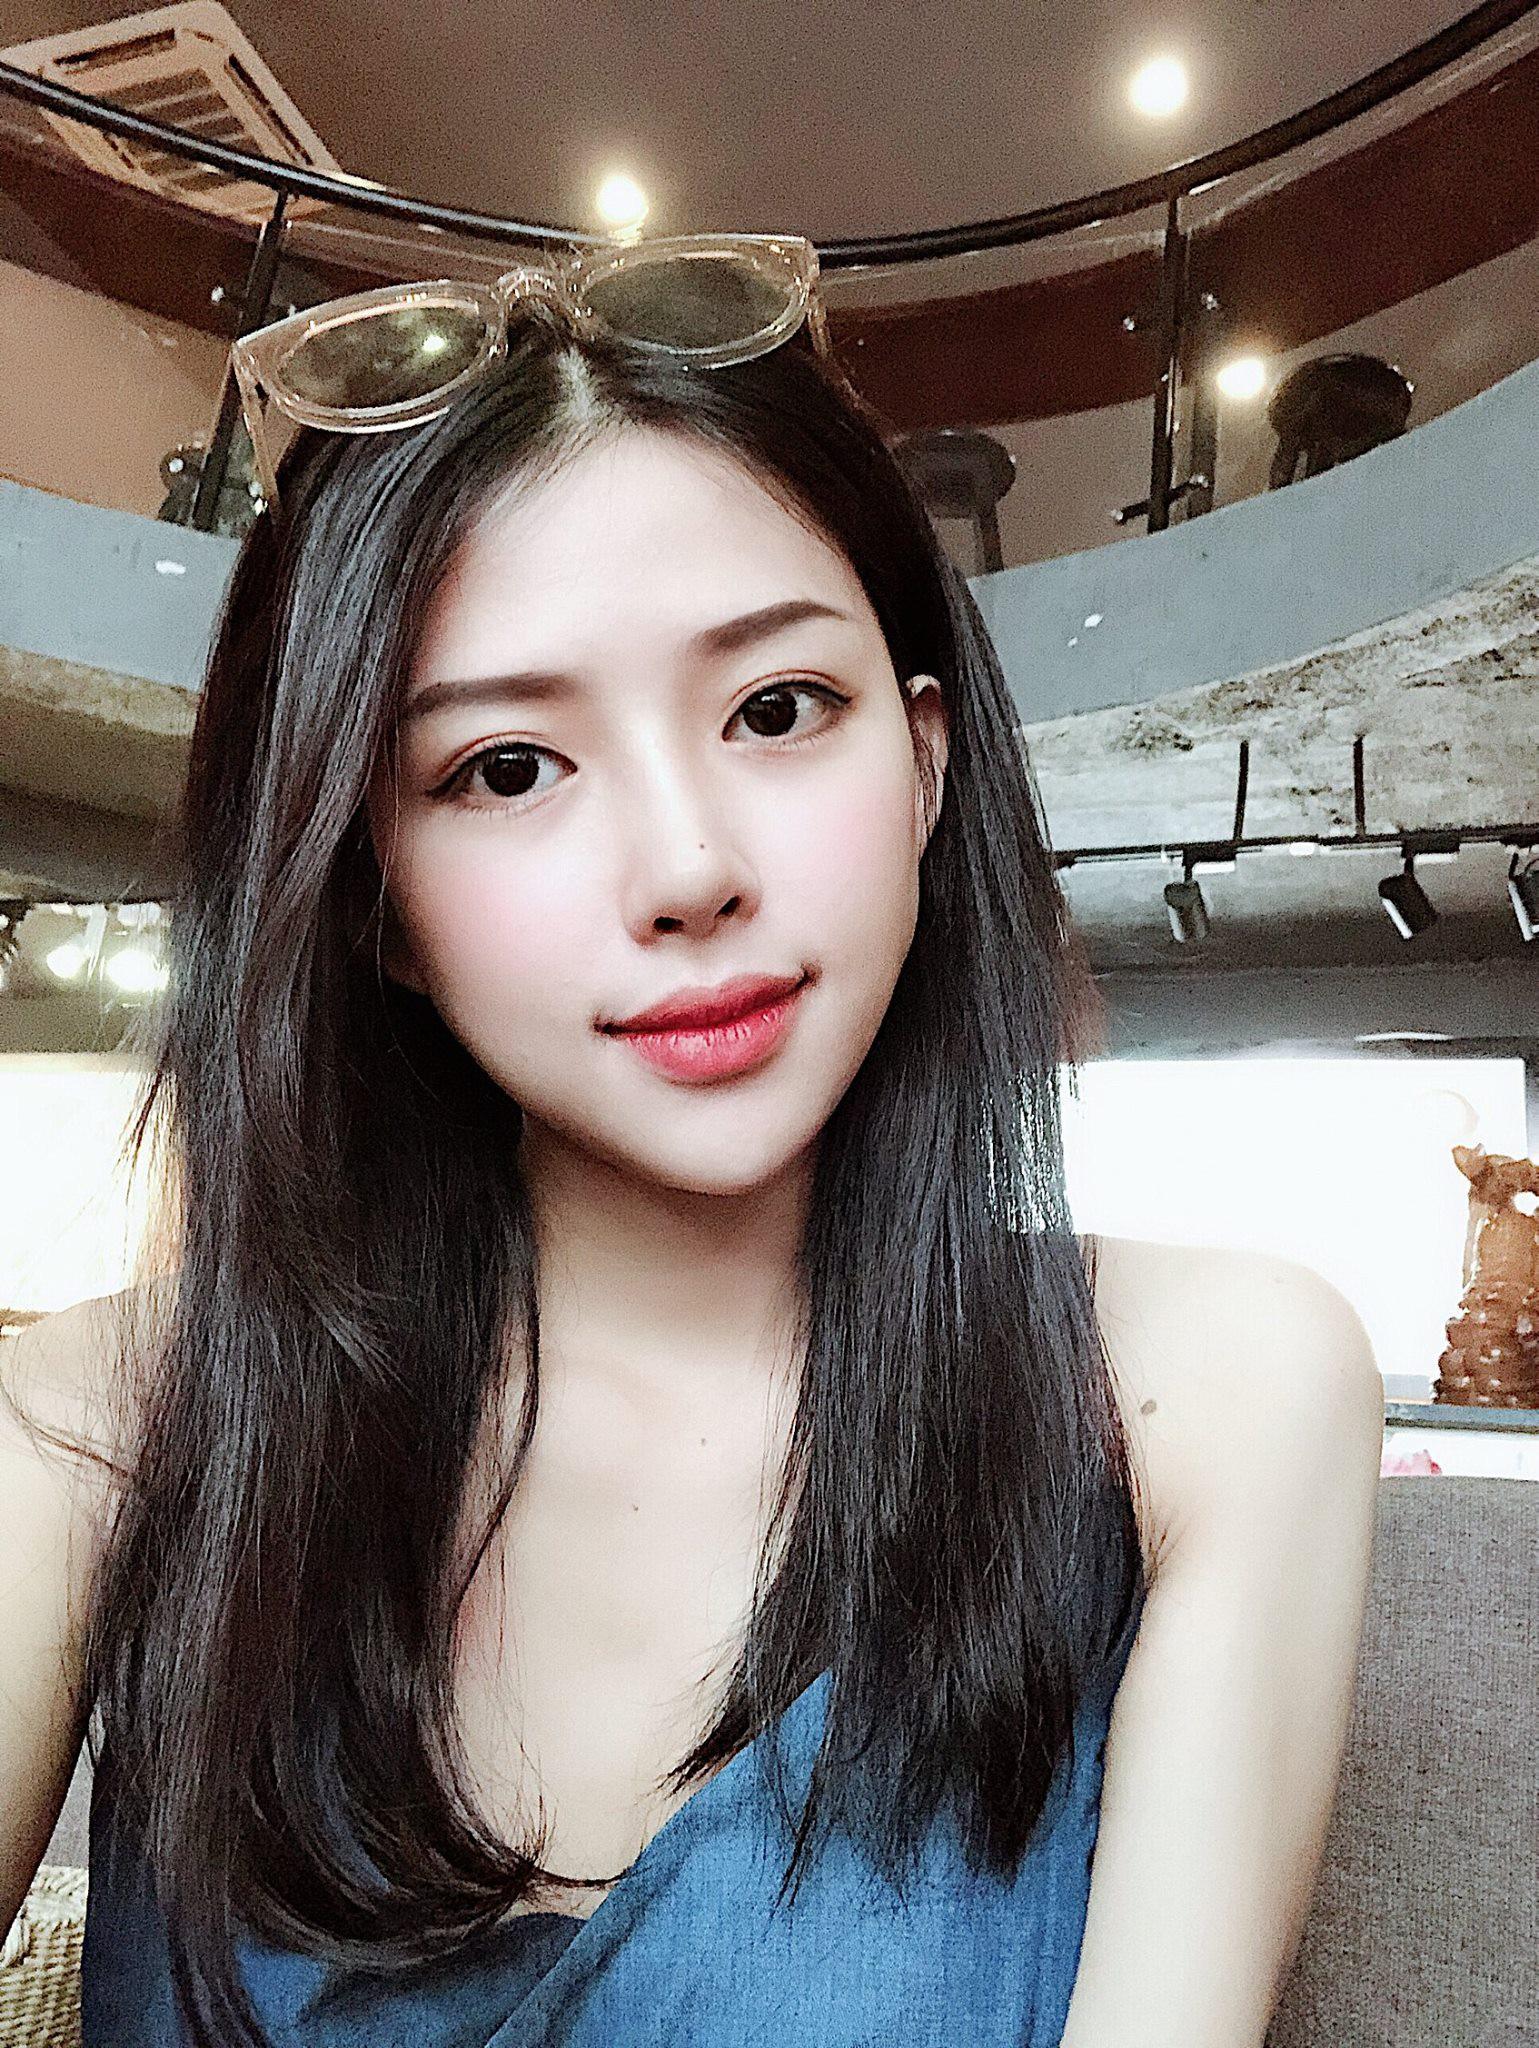 Chân dung cô gái Khánh Hoà vừa được Phan Mạnh Quỳnh cầu hôn trên biển-6